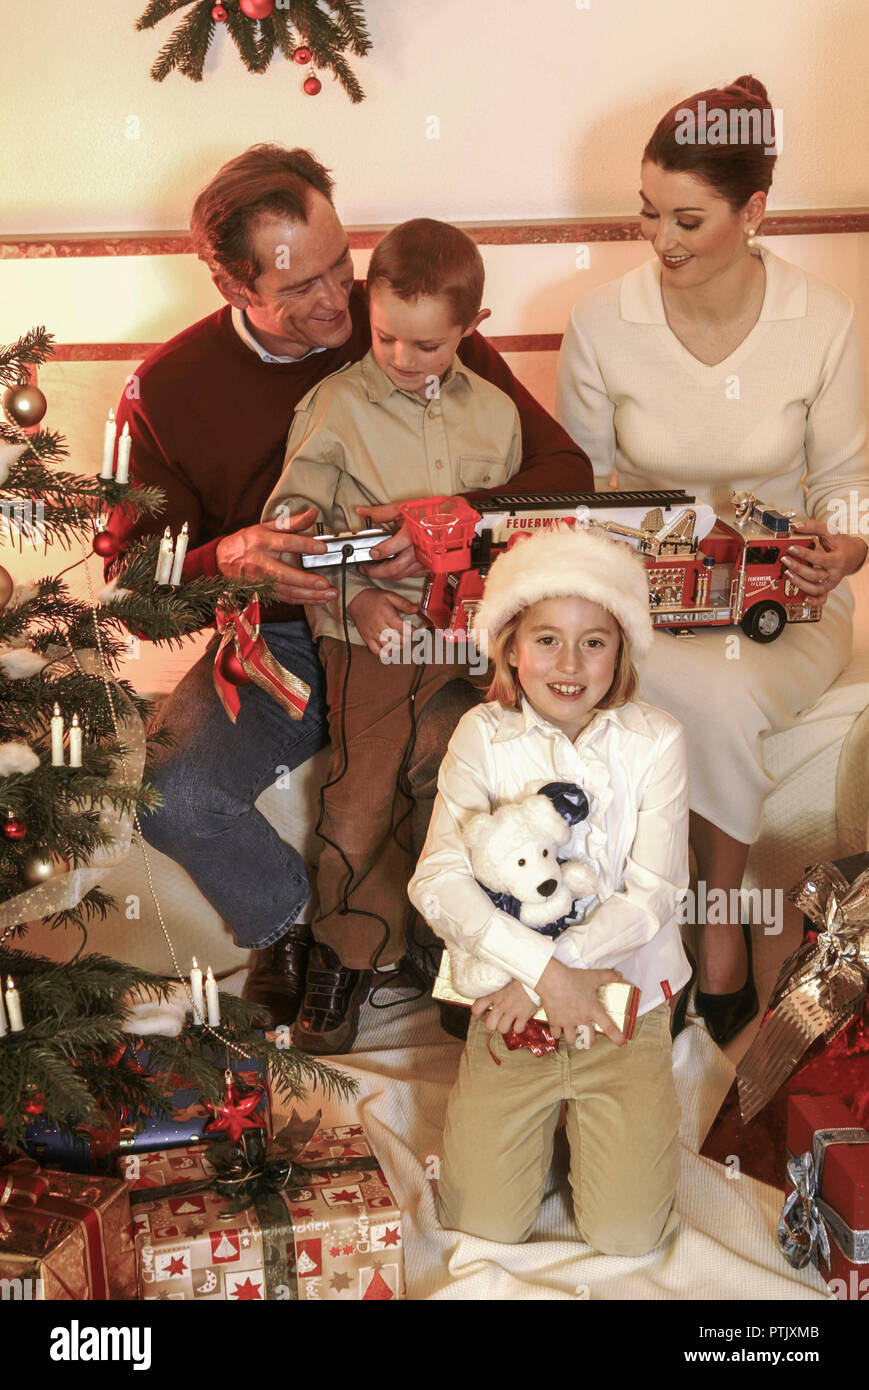 Geschenkideen Familie Weihnachten.Weihnachten Familie Geschenk Weihnachtsabend Bescherung